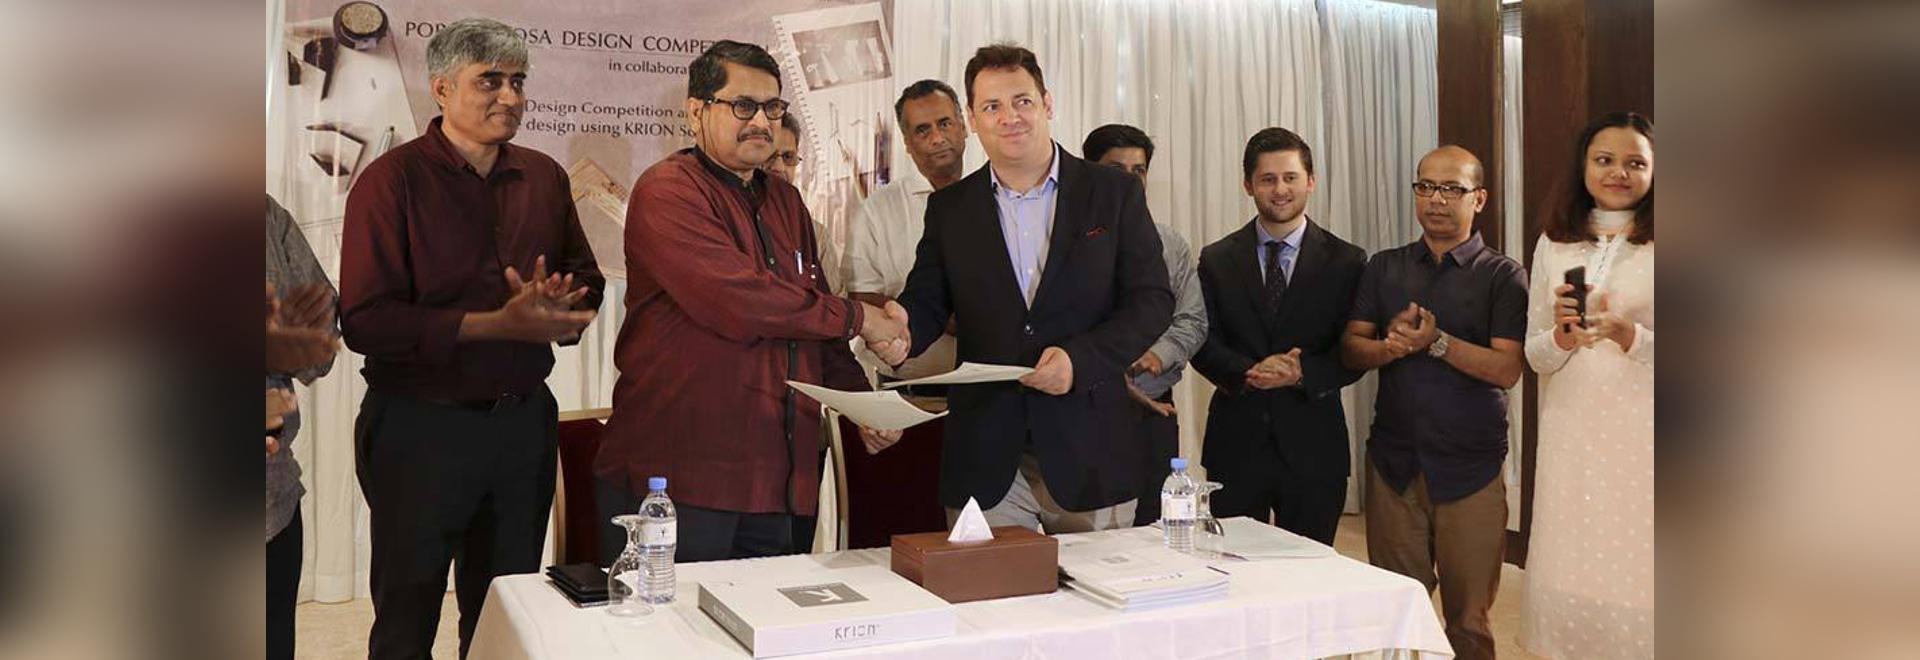 """Nupami BD et Institue of Architects Bangladesh (IAB) signent un accord pour organiser le concours """"KRION Porcelanosa Design Competition"""""""